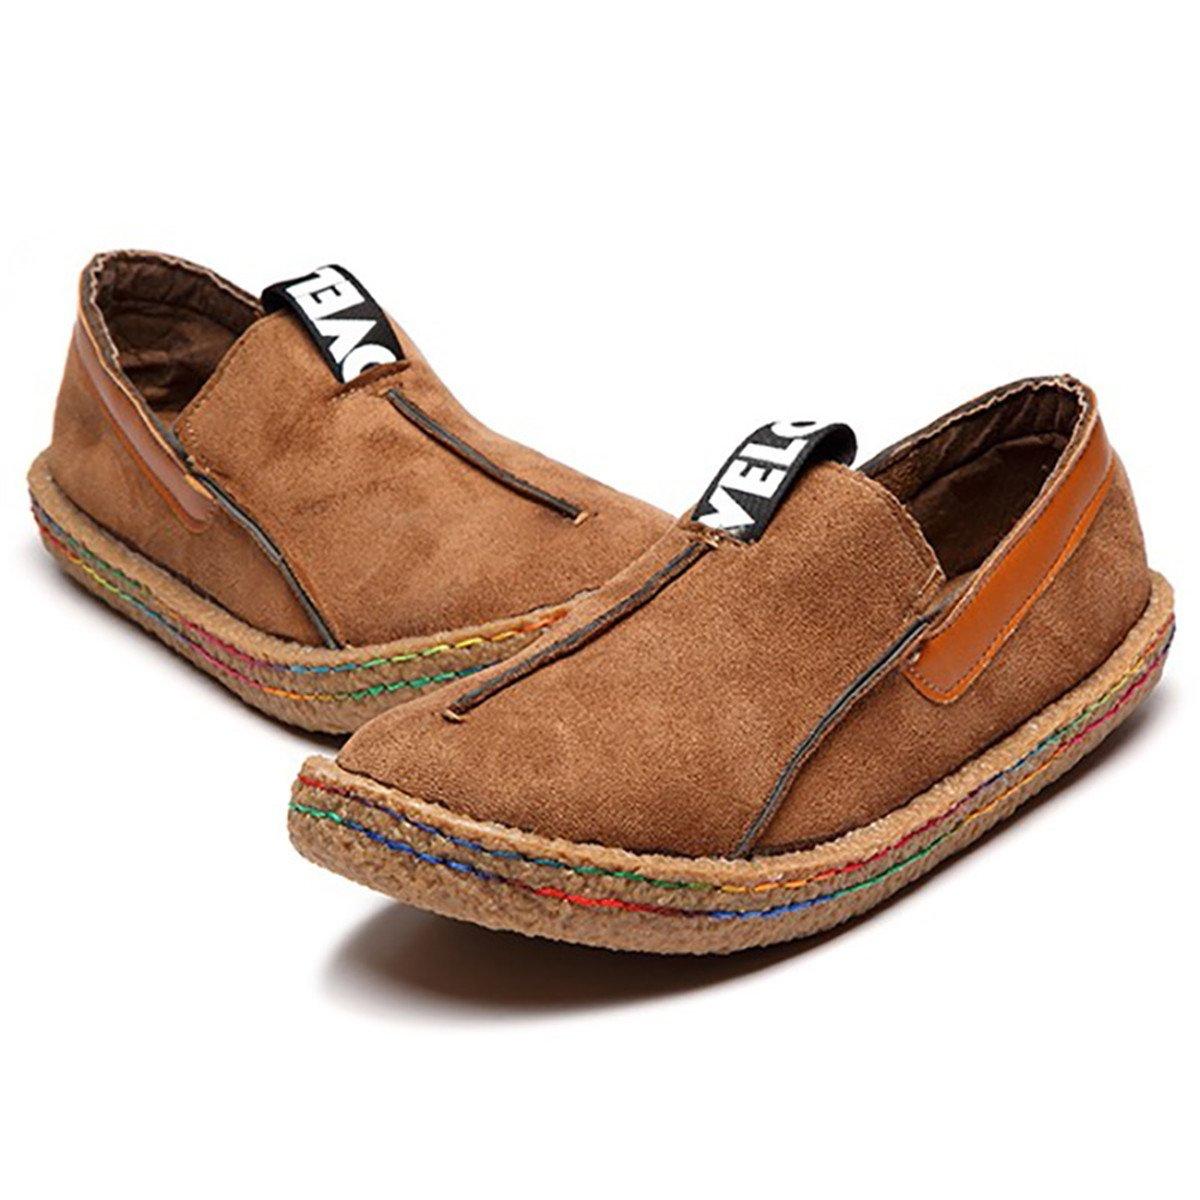 Gracosy Mocassino Pantofole Scarpe da Barca, Camminando Mocassini di Viaggio Casual Flat Confortevole in Pelle Scamosciata Rotonda Testa Slip-On Scarpe Basse DonnaMarrone